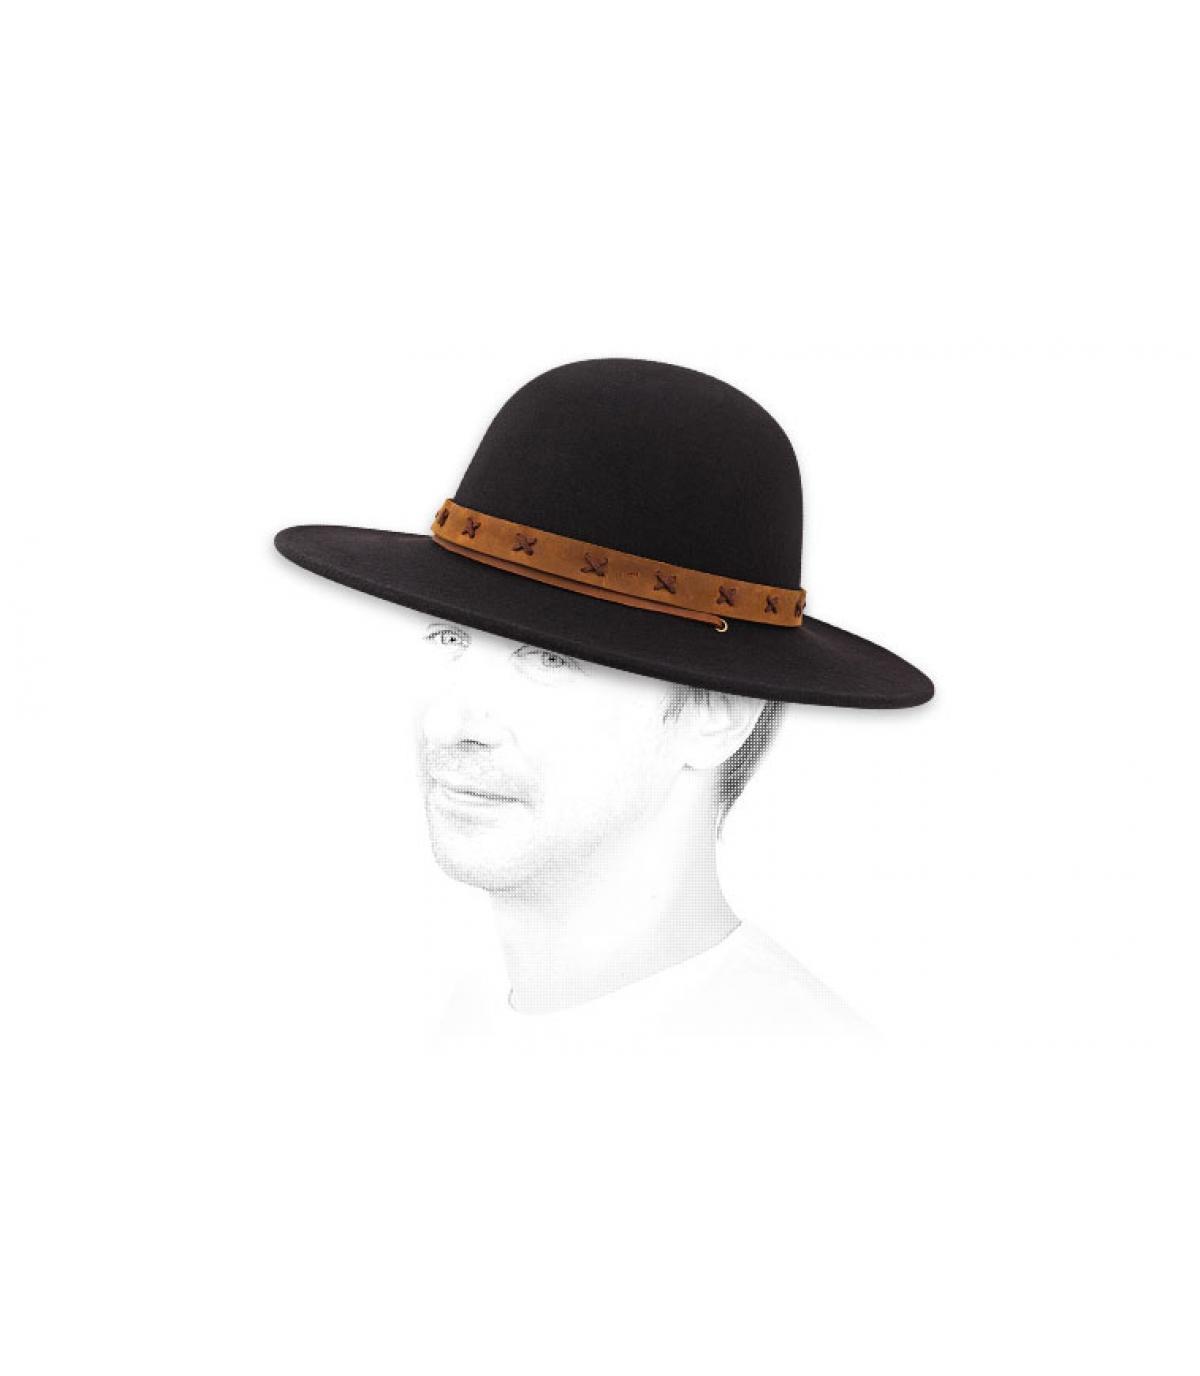 Détails Clay hat black tan - image 3